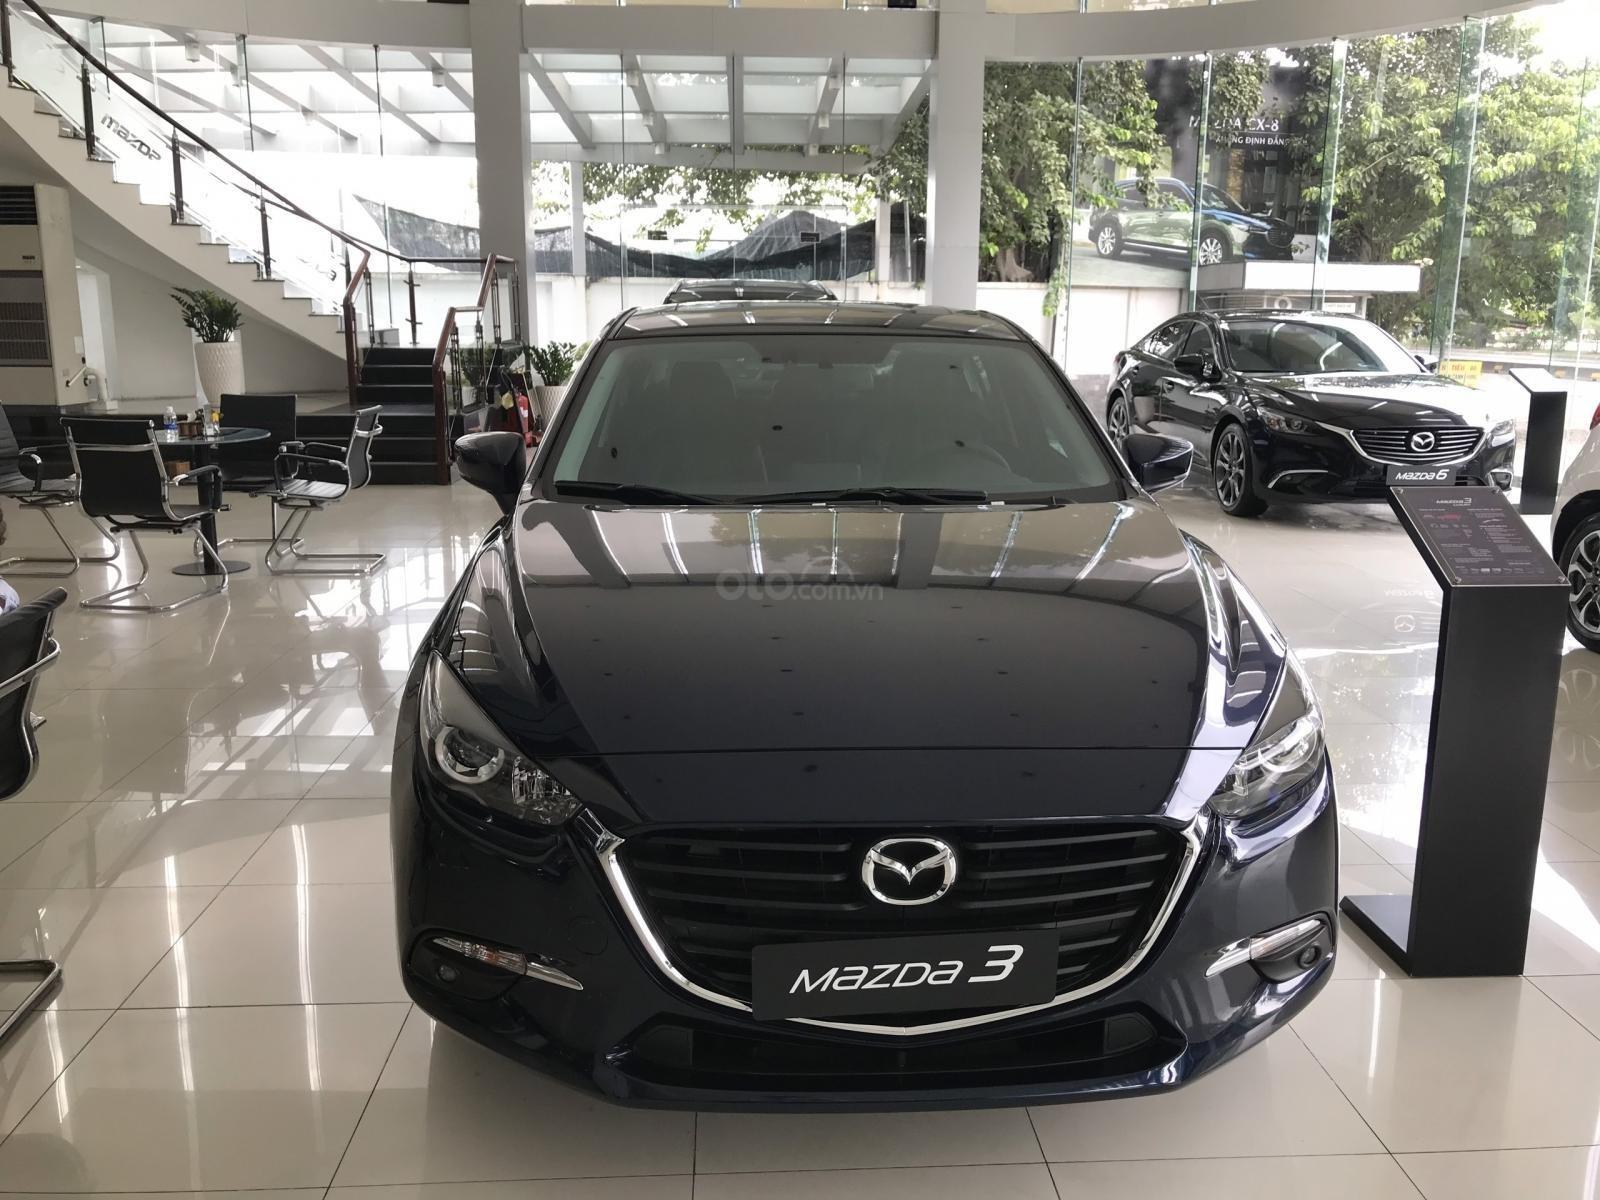 Bán Mazda 3 2019, giá sốc, quà tặng tiền mặt, nhiều ưu đãi (1)